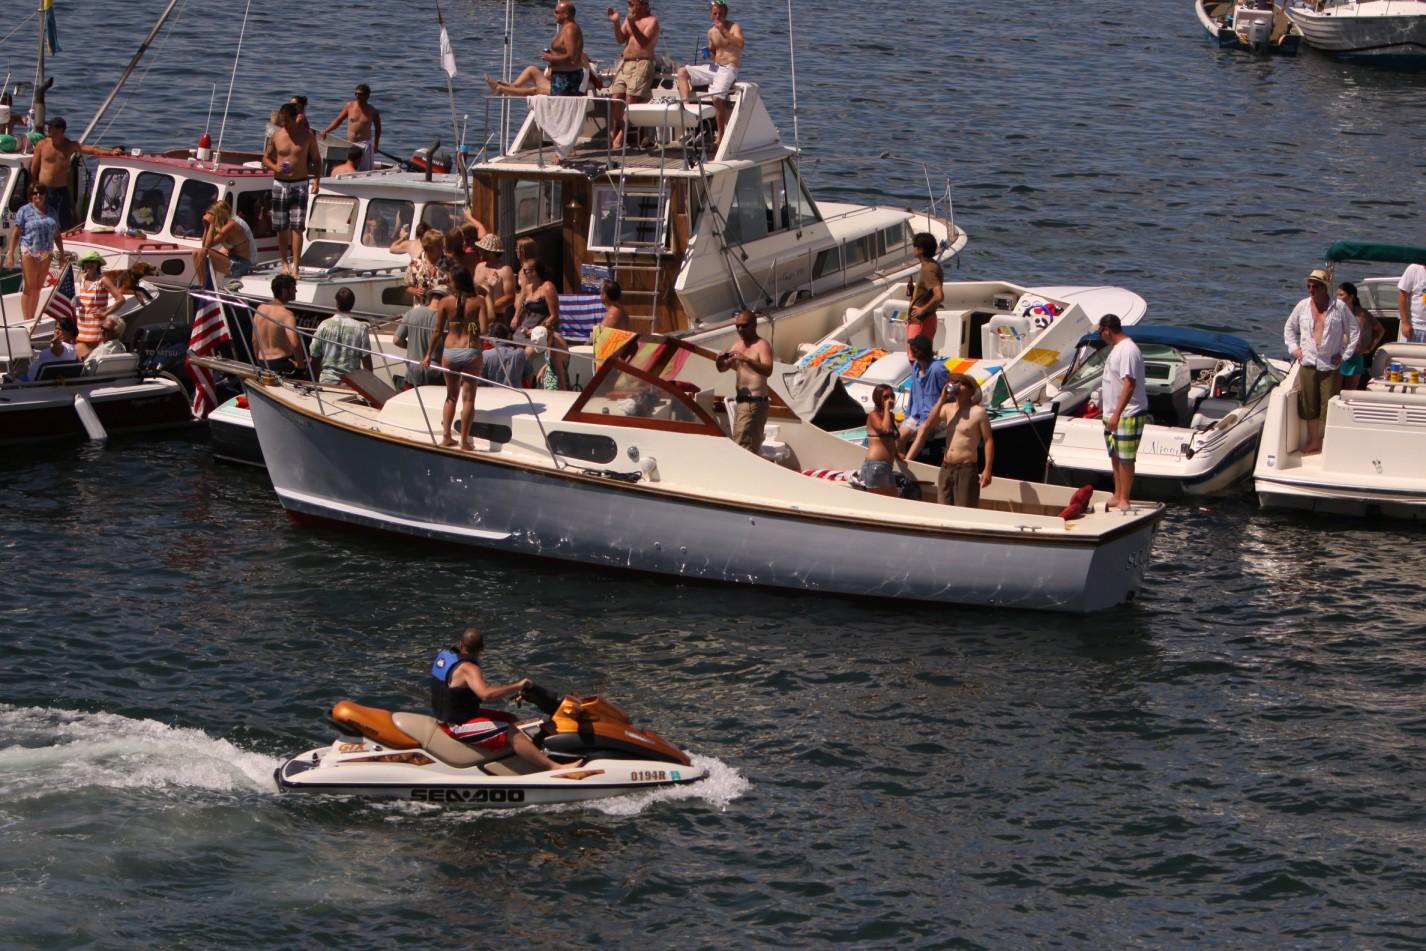 Sailors Powerboat - Page 5 - Sailing Anarchy - Sailing